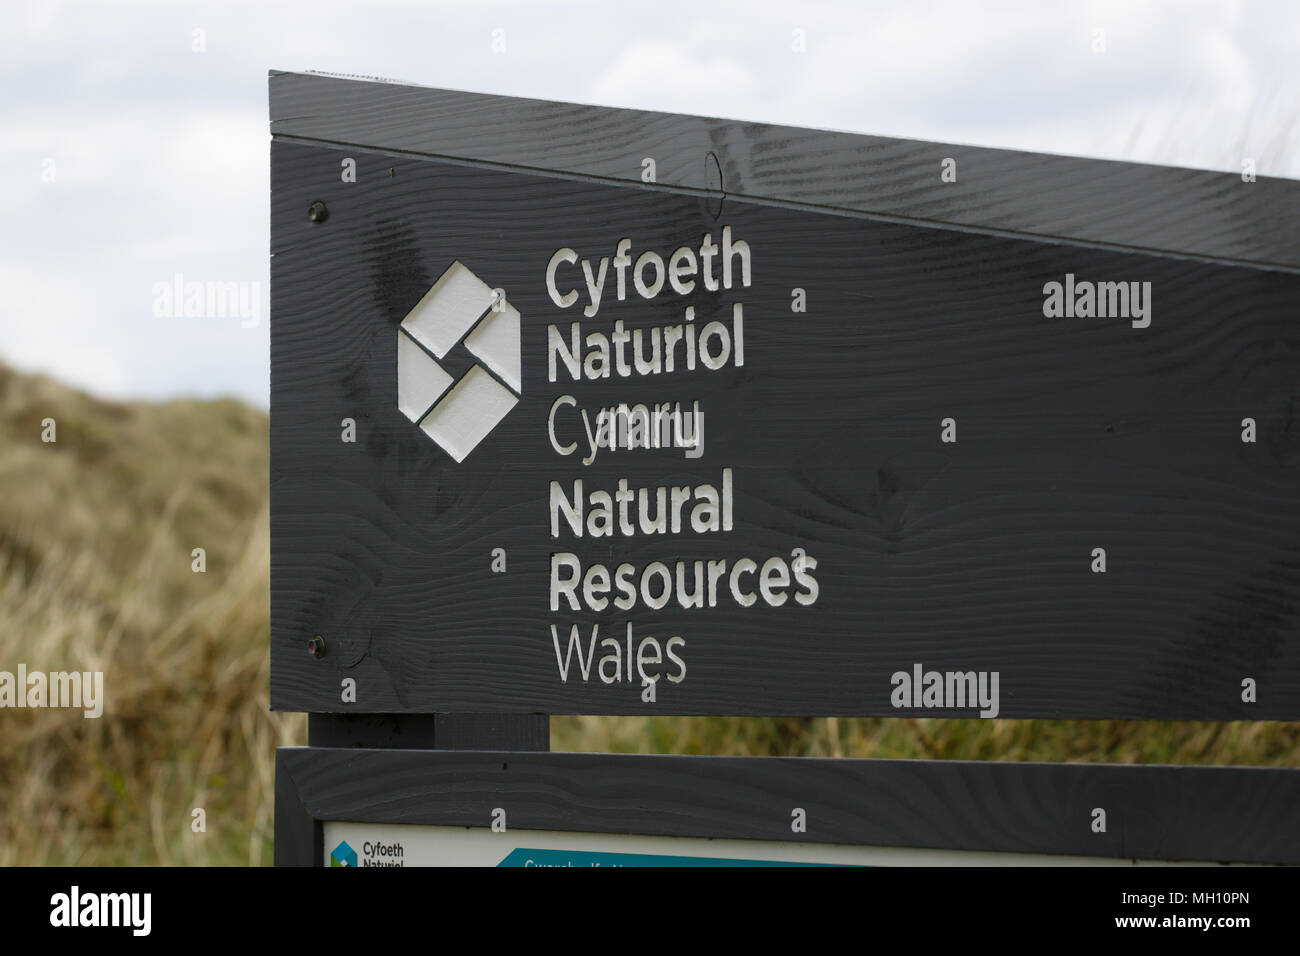 Le risorse naturali del Galles segno sulla spiaggia a Harlech. Un Welsh agenzia responsabile per l'ambiente e le risorse naturali del Galles Immagini Stock